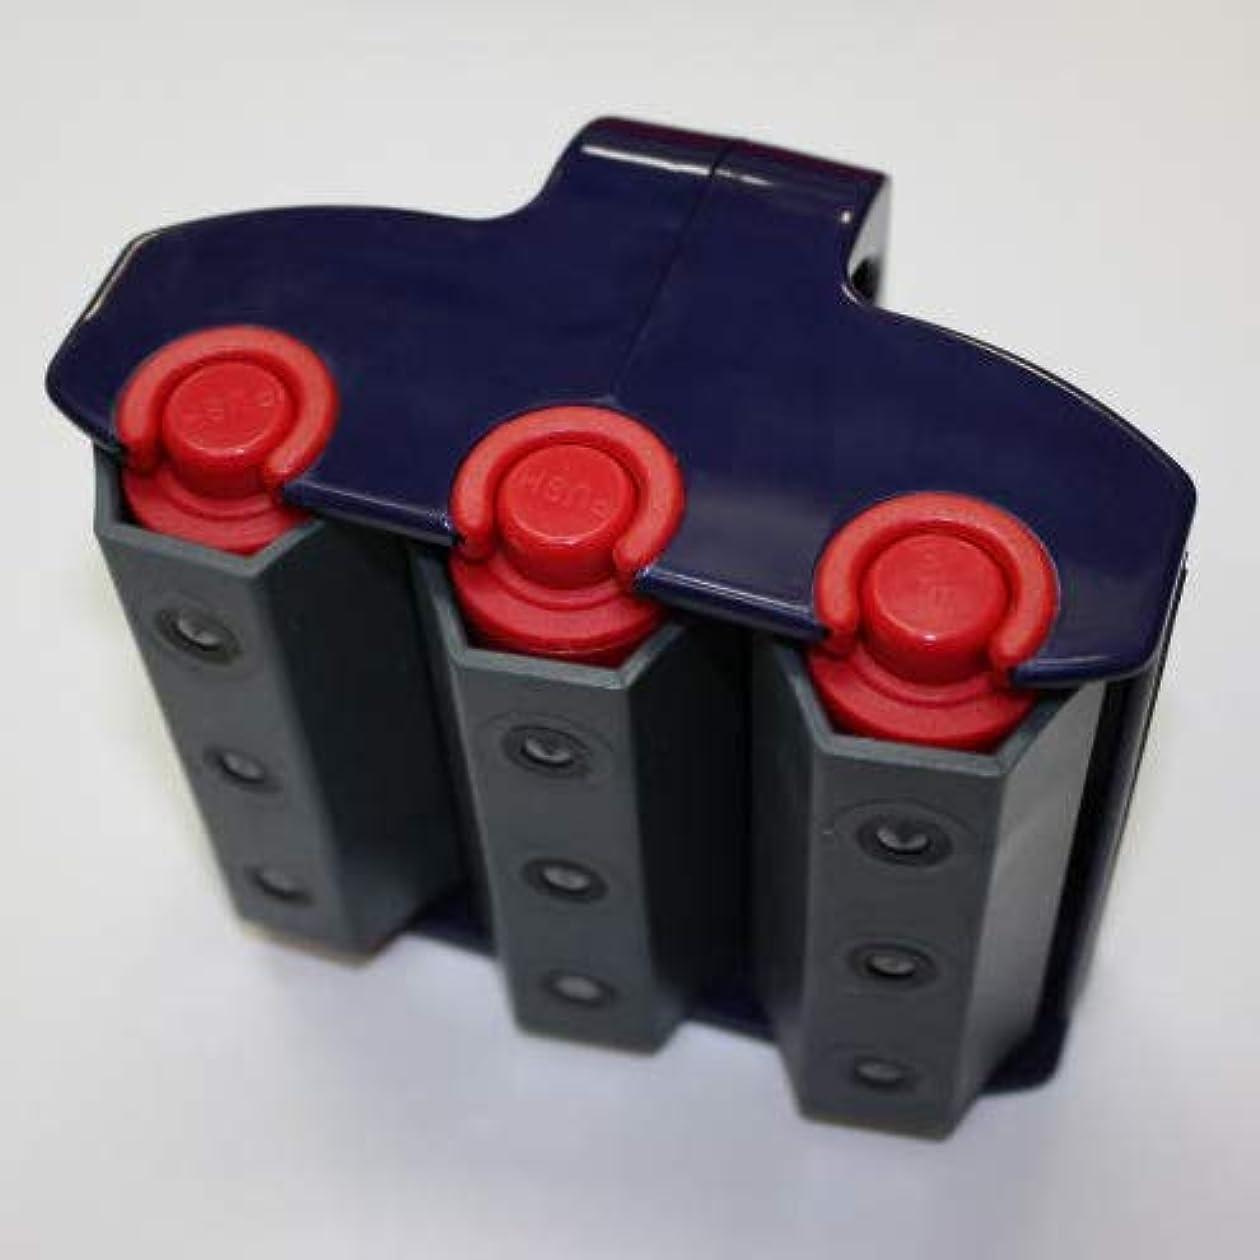 天才やさしい閲覧する半導体ビューティーローラーシリーズ トリプルバーン NEW